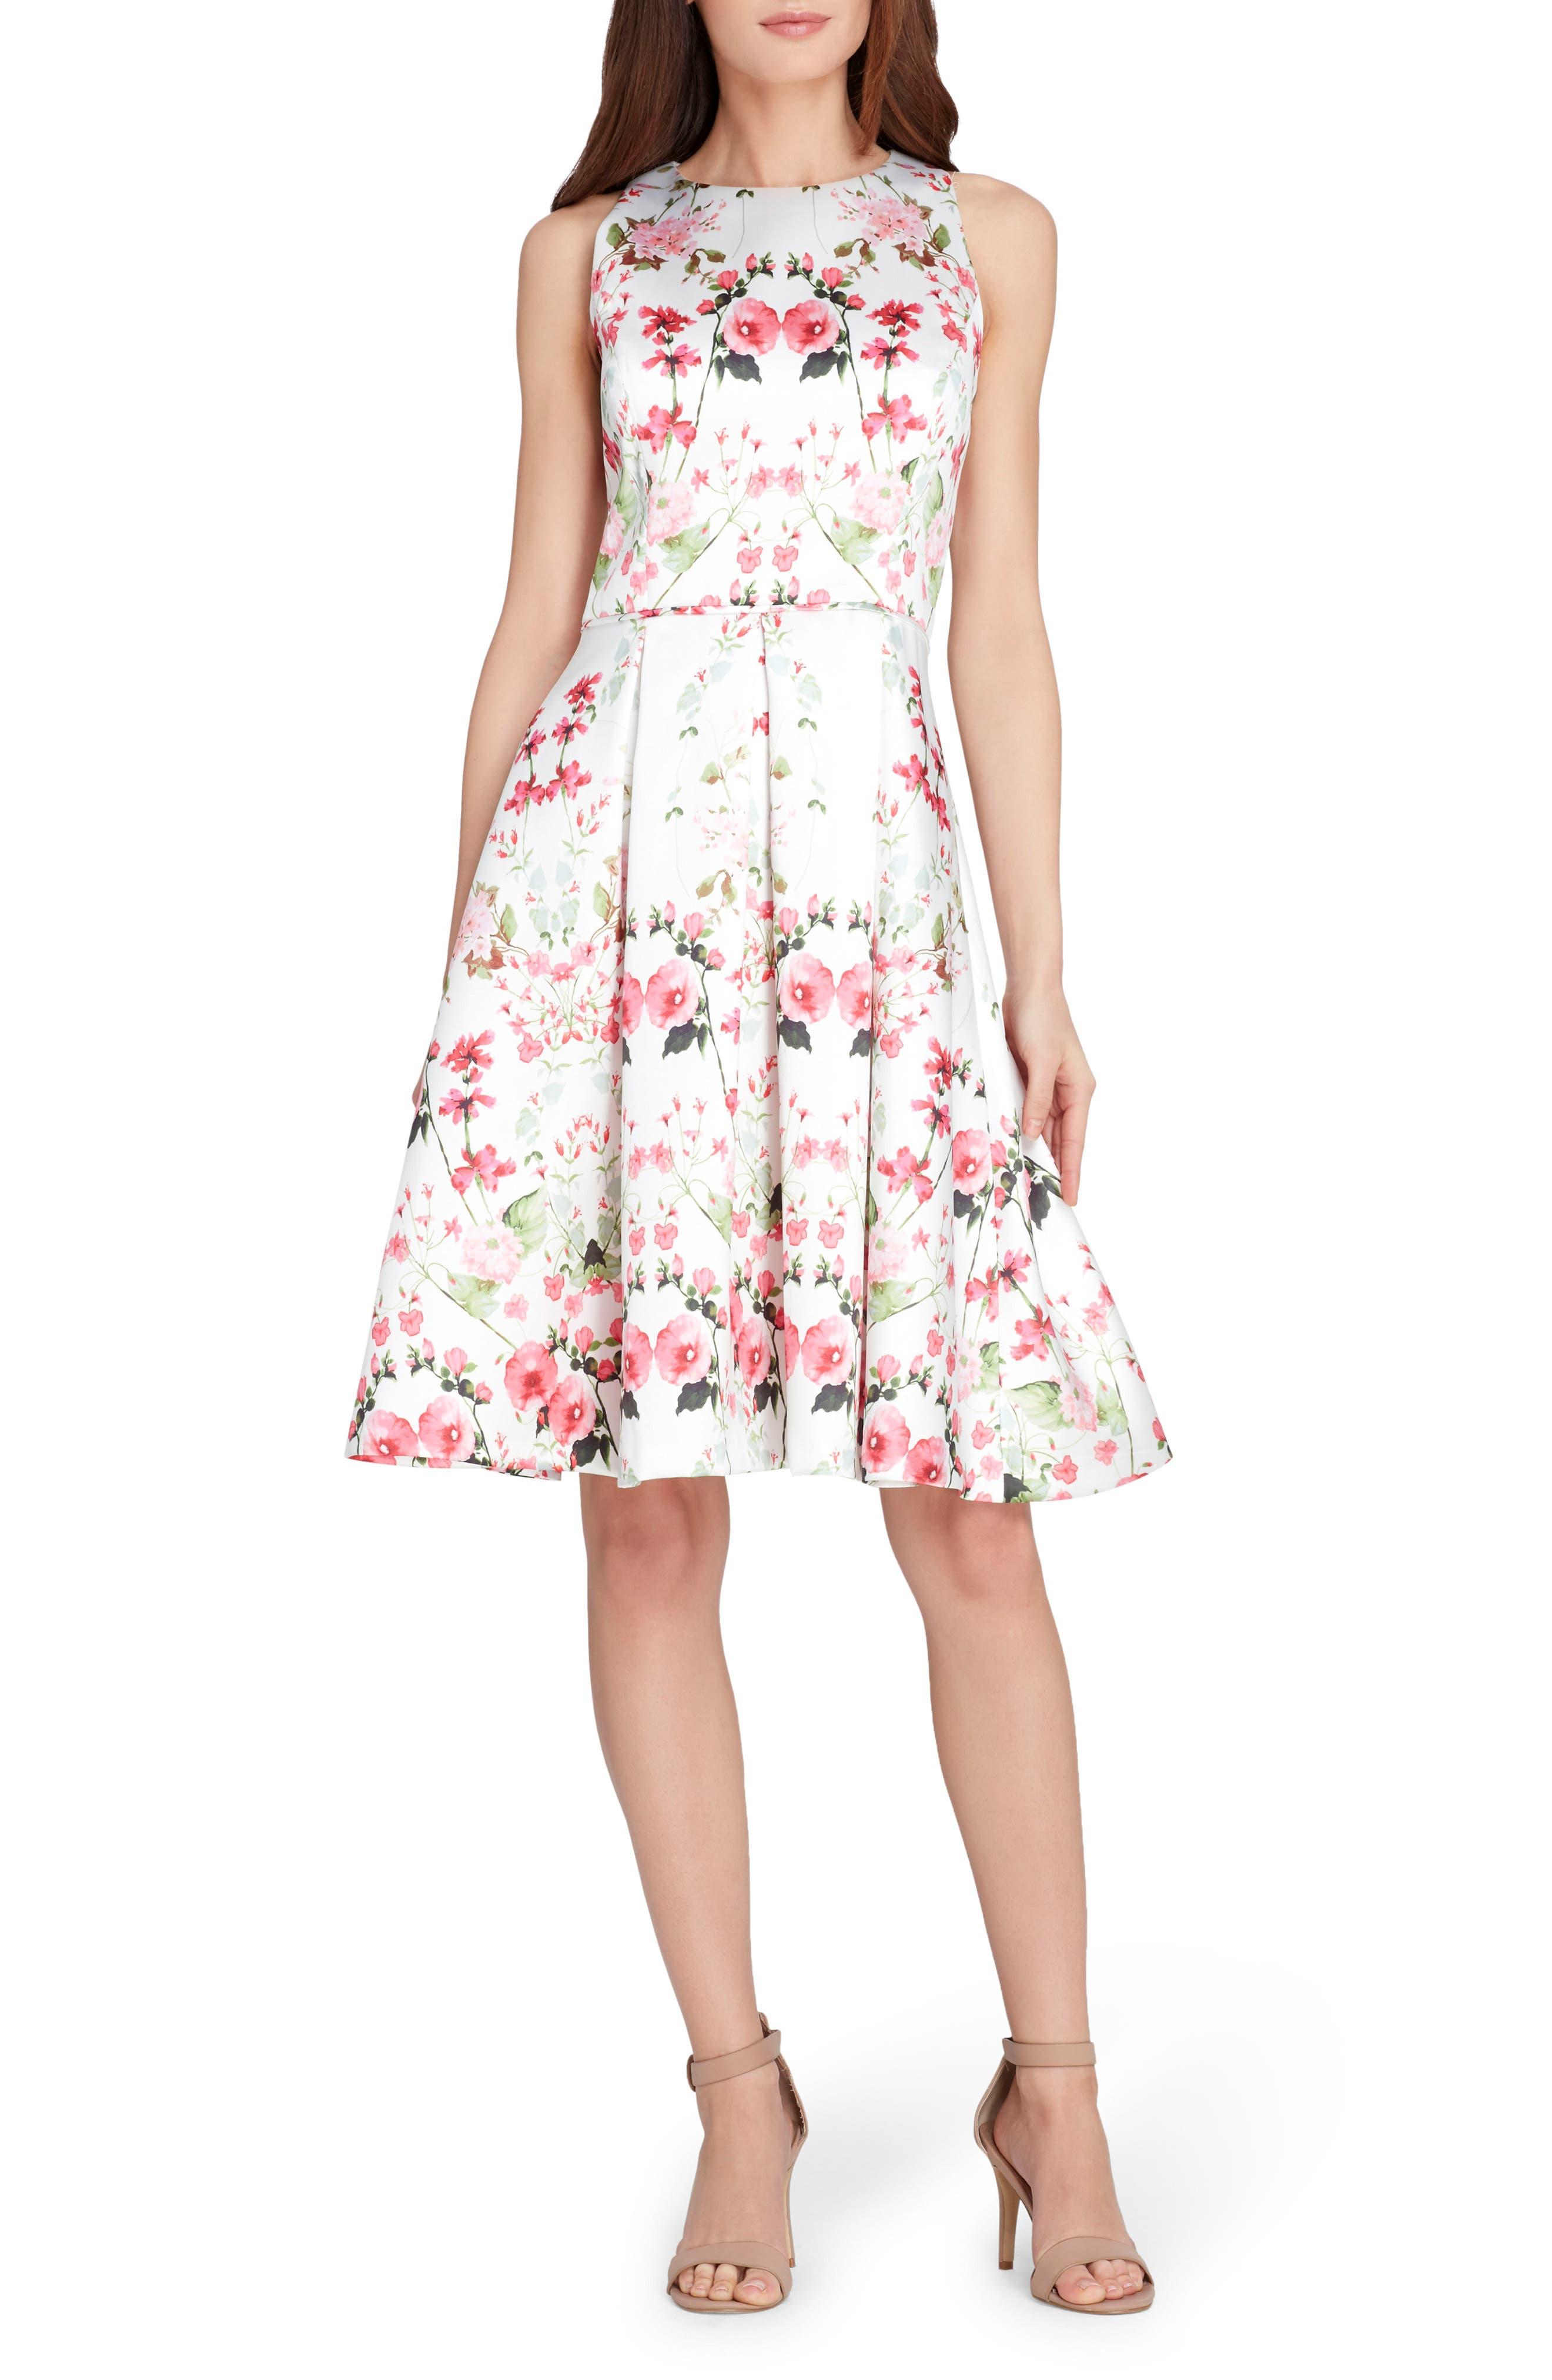 Alternate Image 1 Selected - Tahari Micado Floral Print Fit & Flare Dress (Regular & Petite)